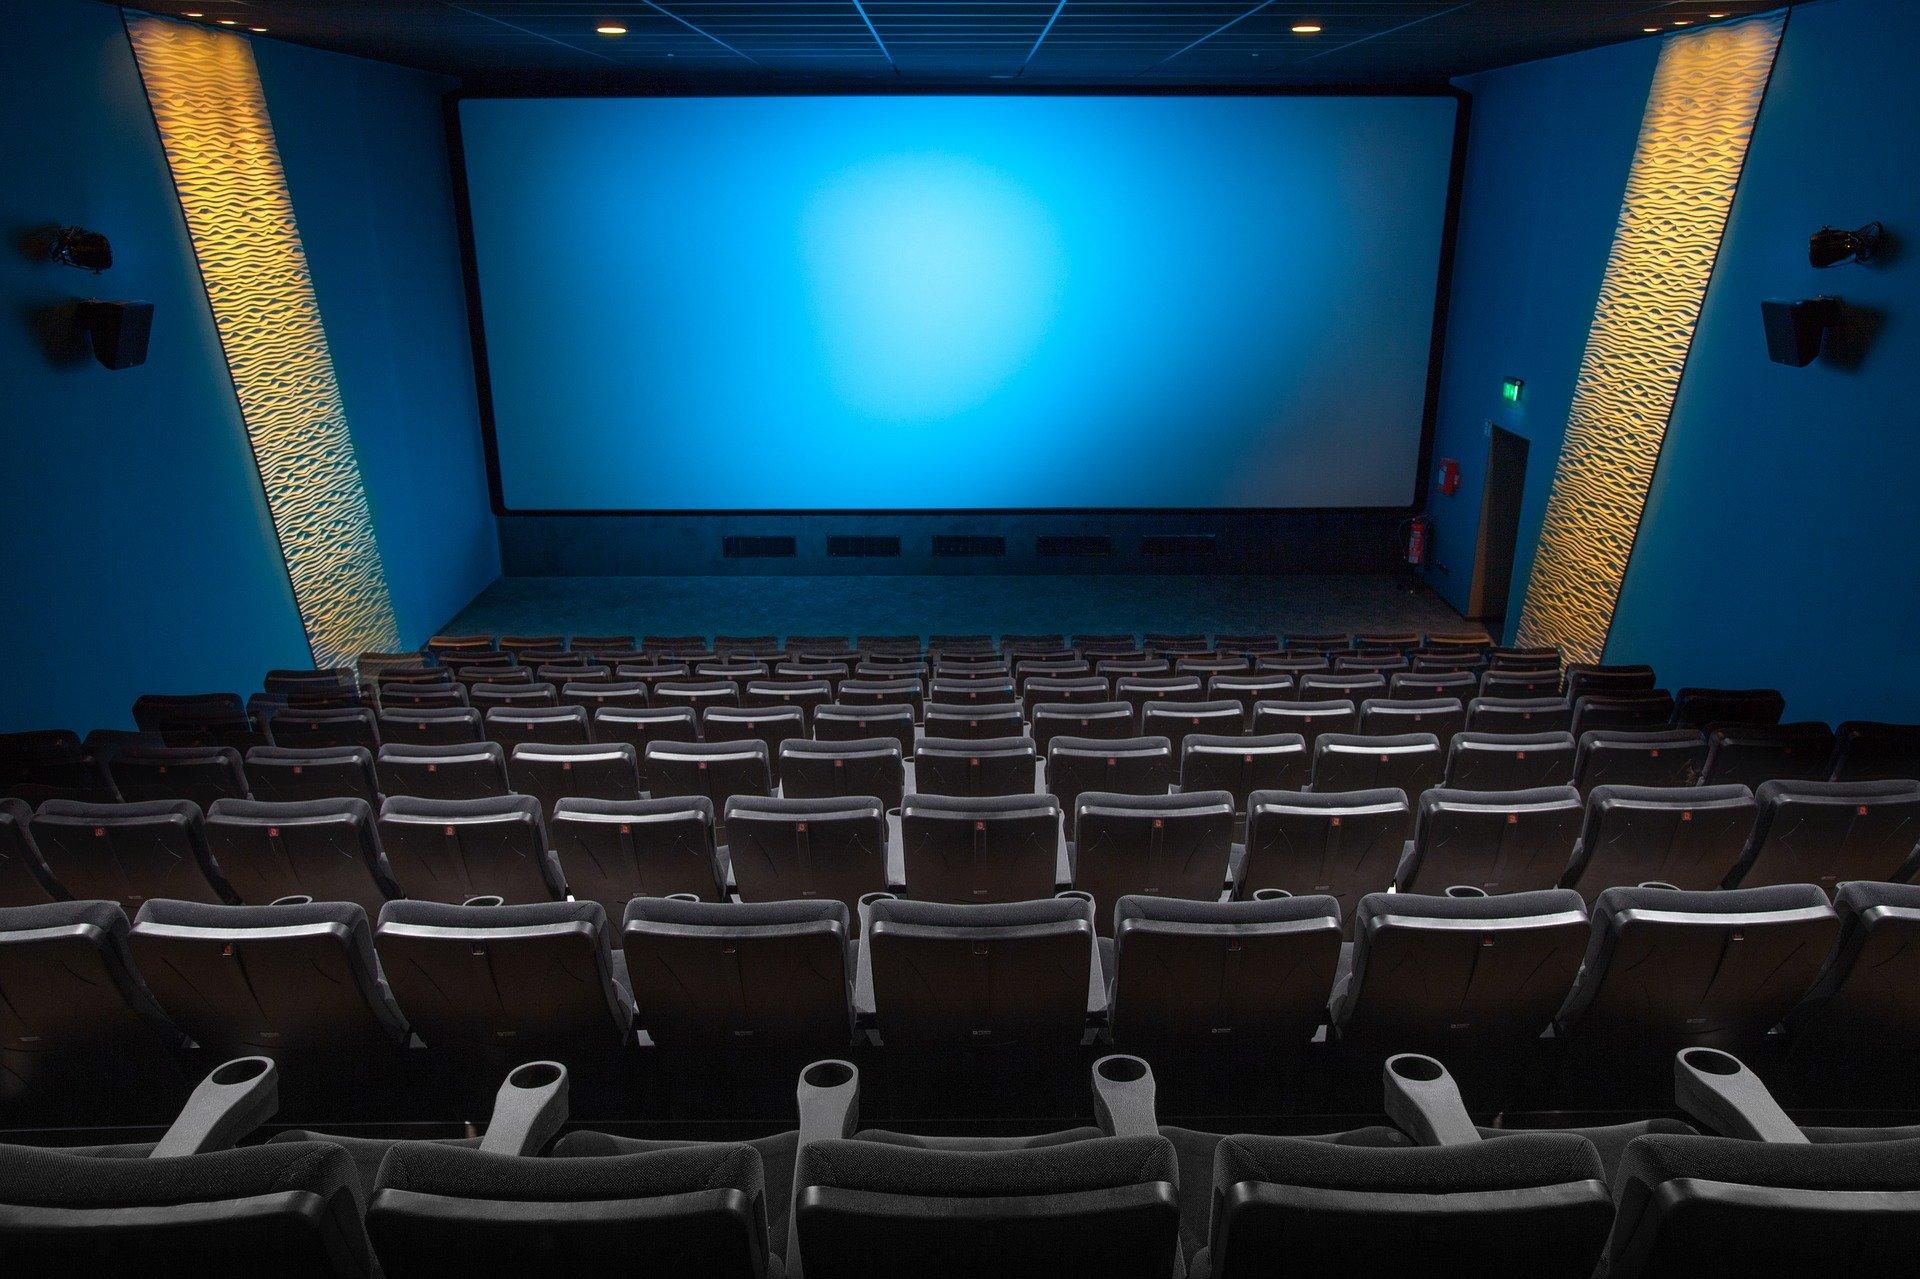 映画「るろうに剣心」3部作のフル動画を視聴できる動画配信サービス